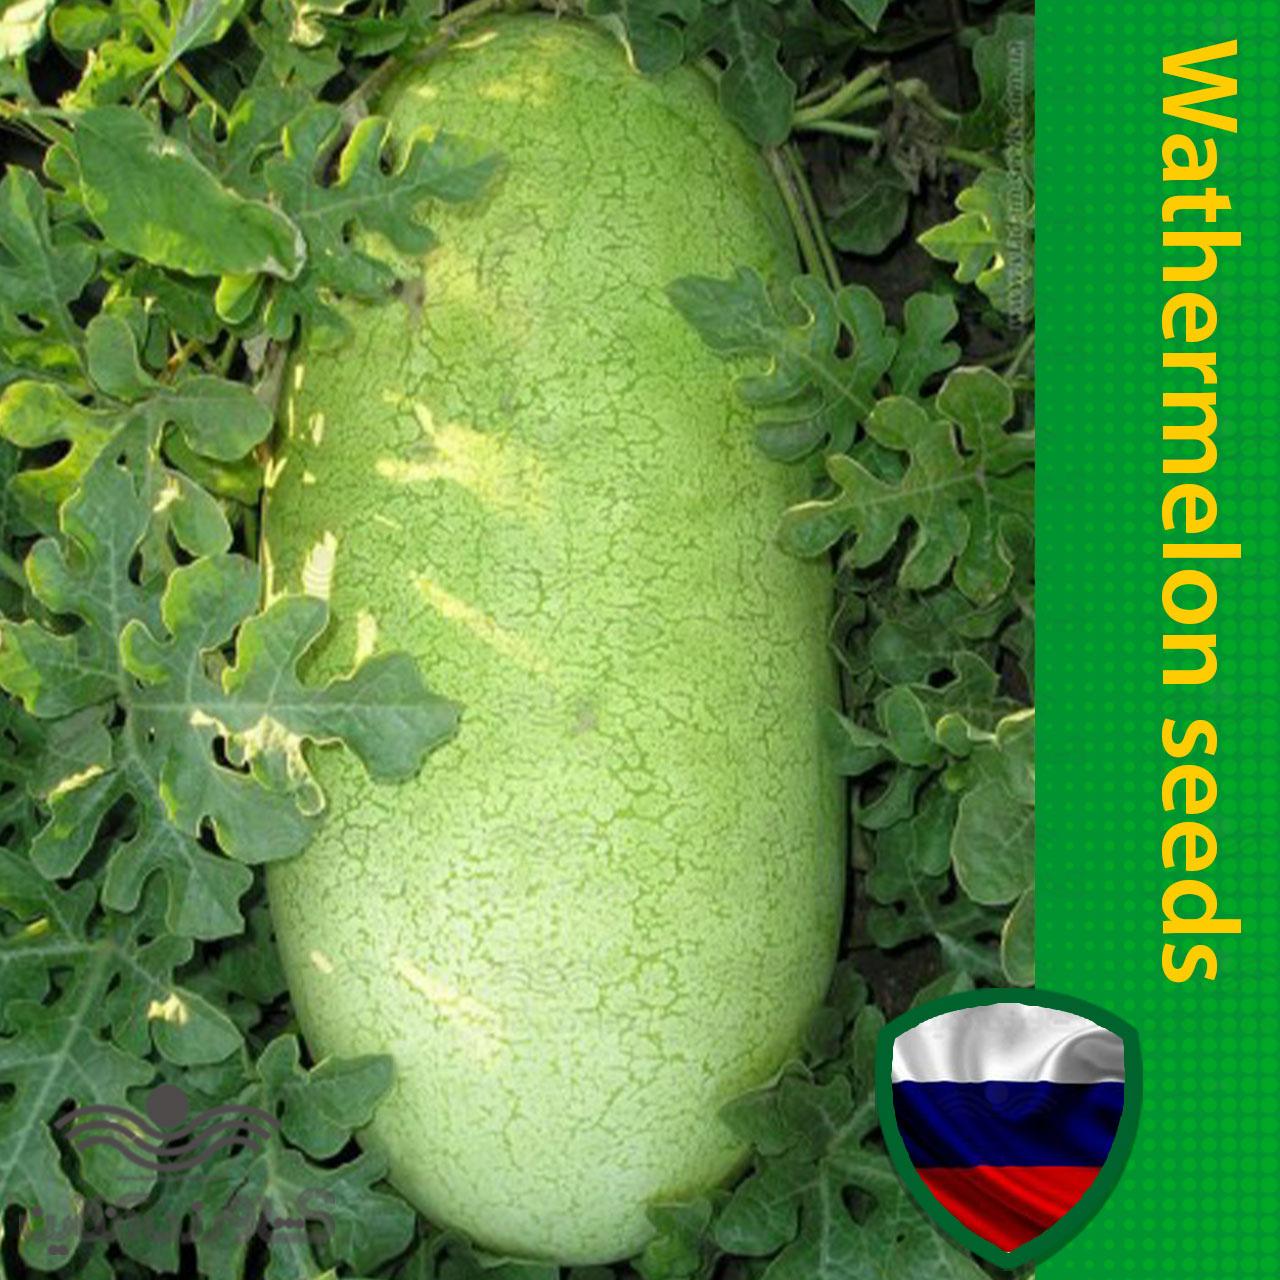 بذر هندوانه سفید خارجی خانگی